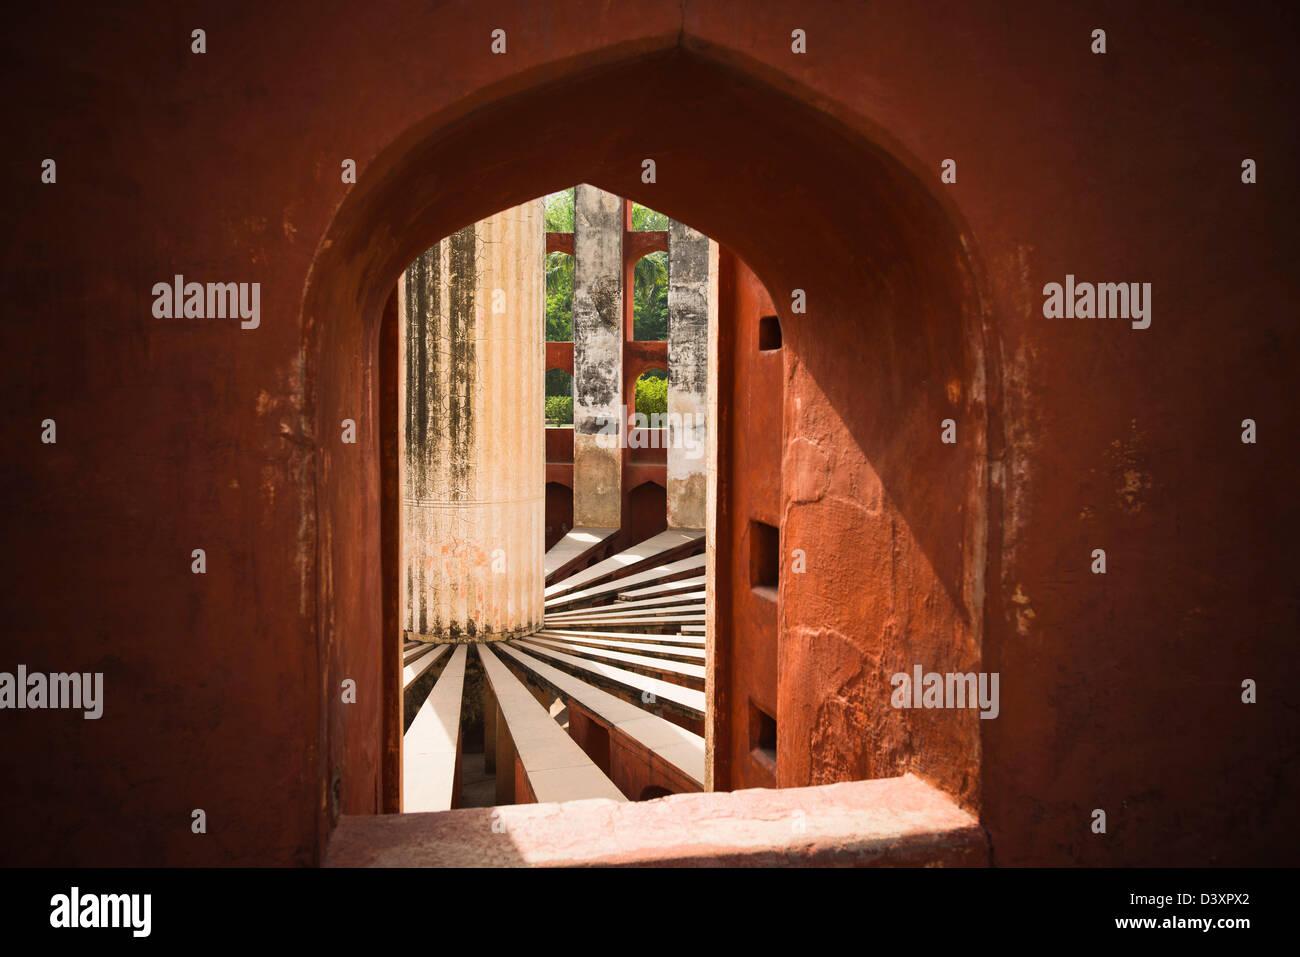 Gli interni di un osservatorio, Jantar Mantar, New Delhi, Delhi, India Immagini Stock